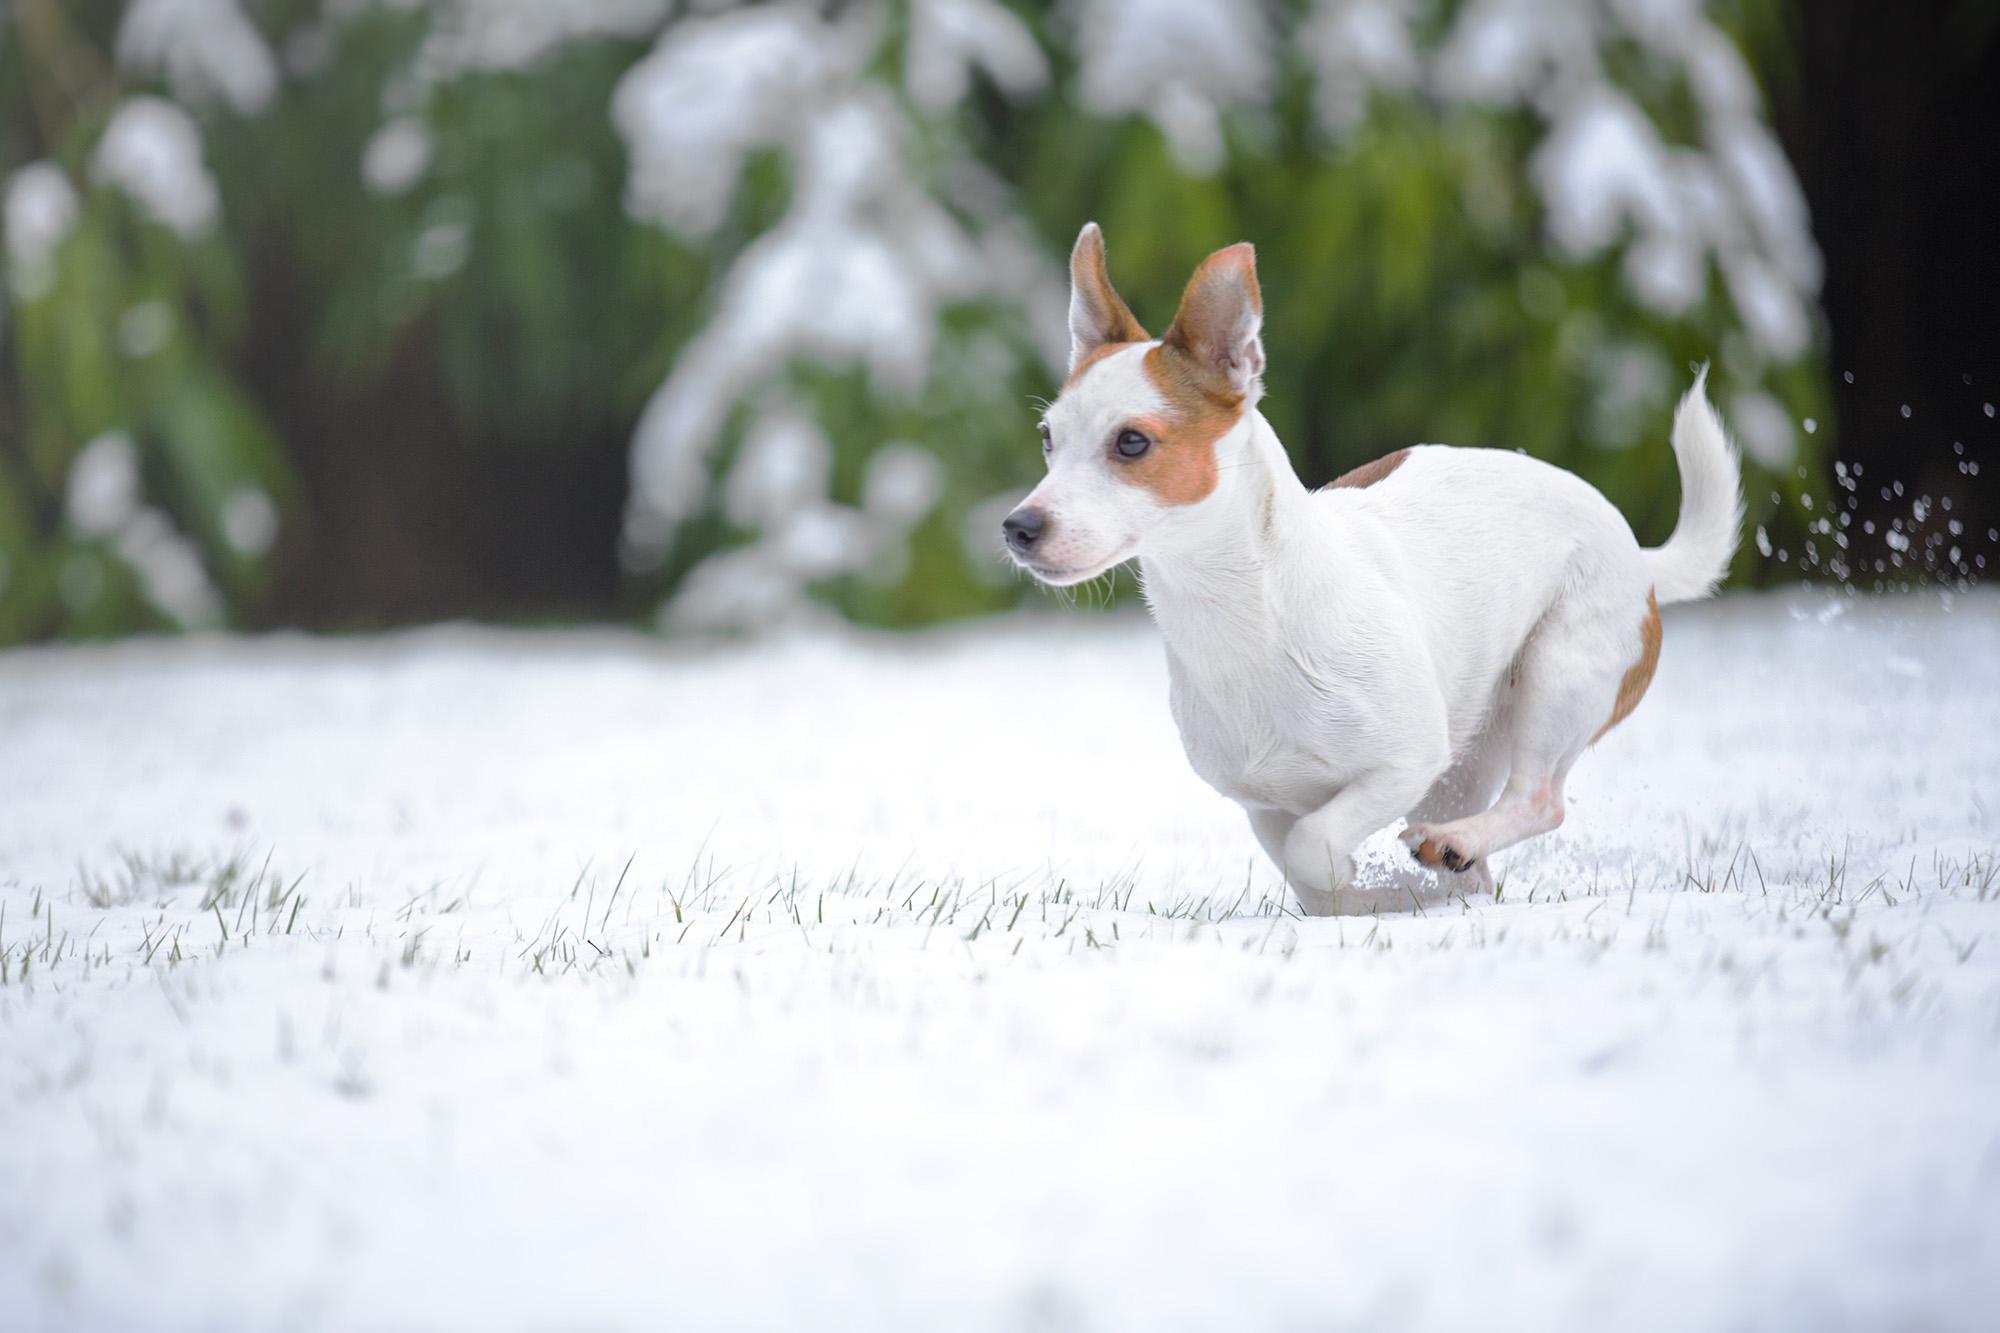 Gefahr für den Hund im Winter: Streusalz